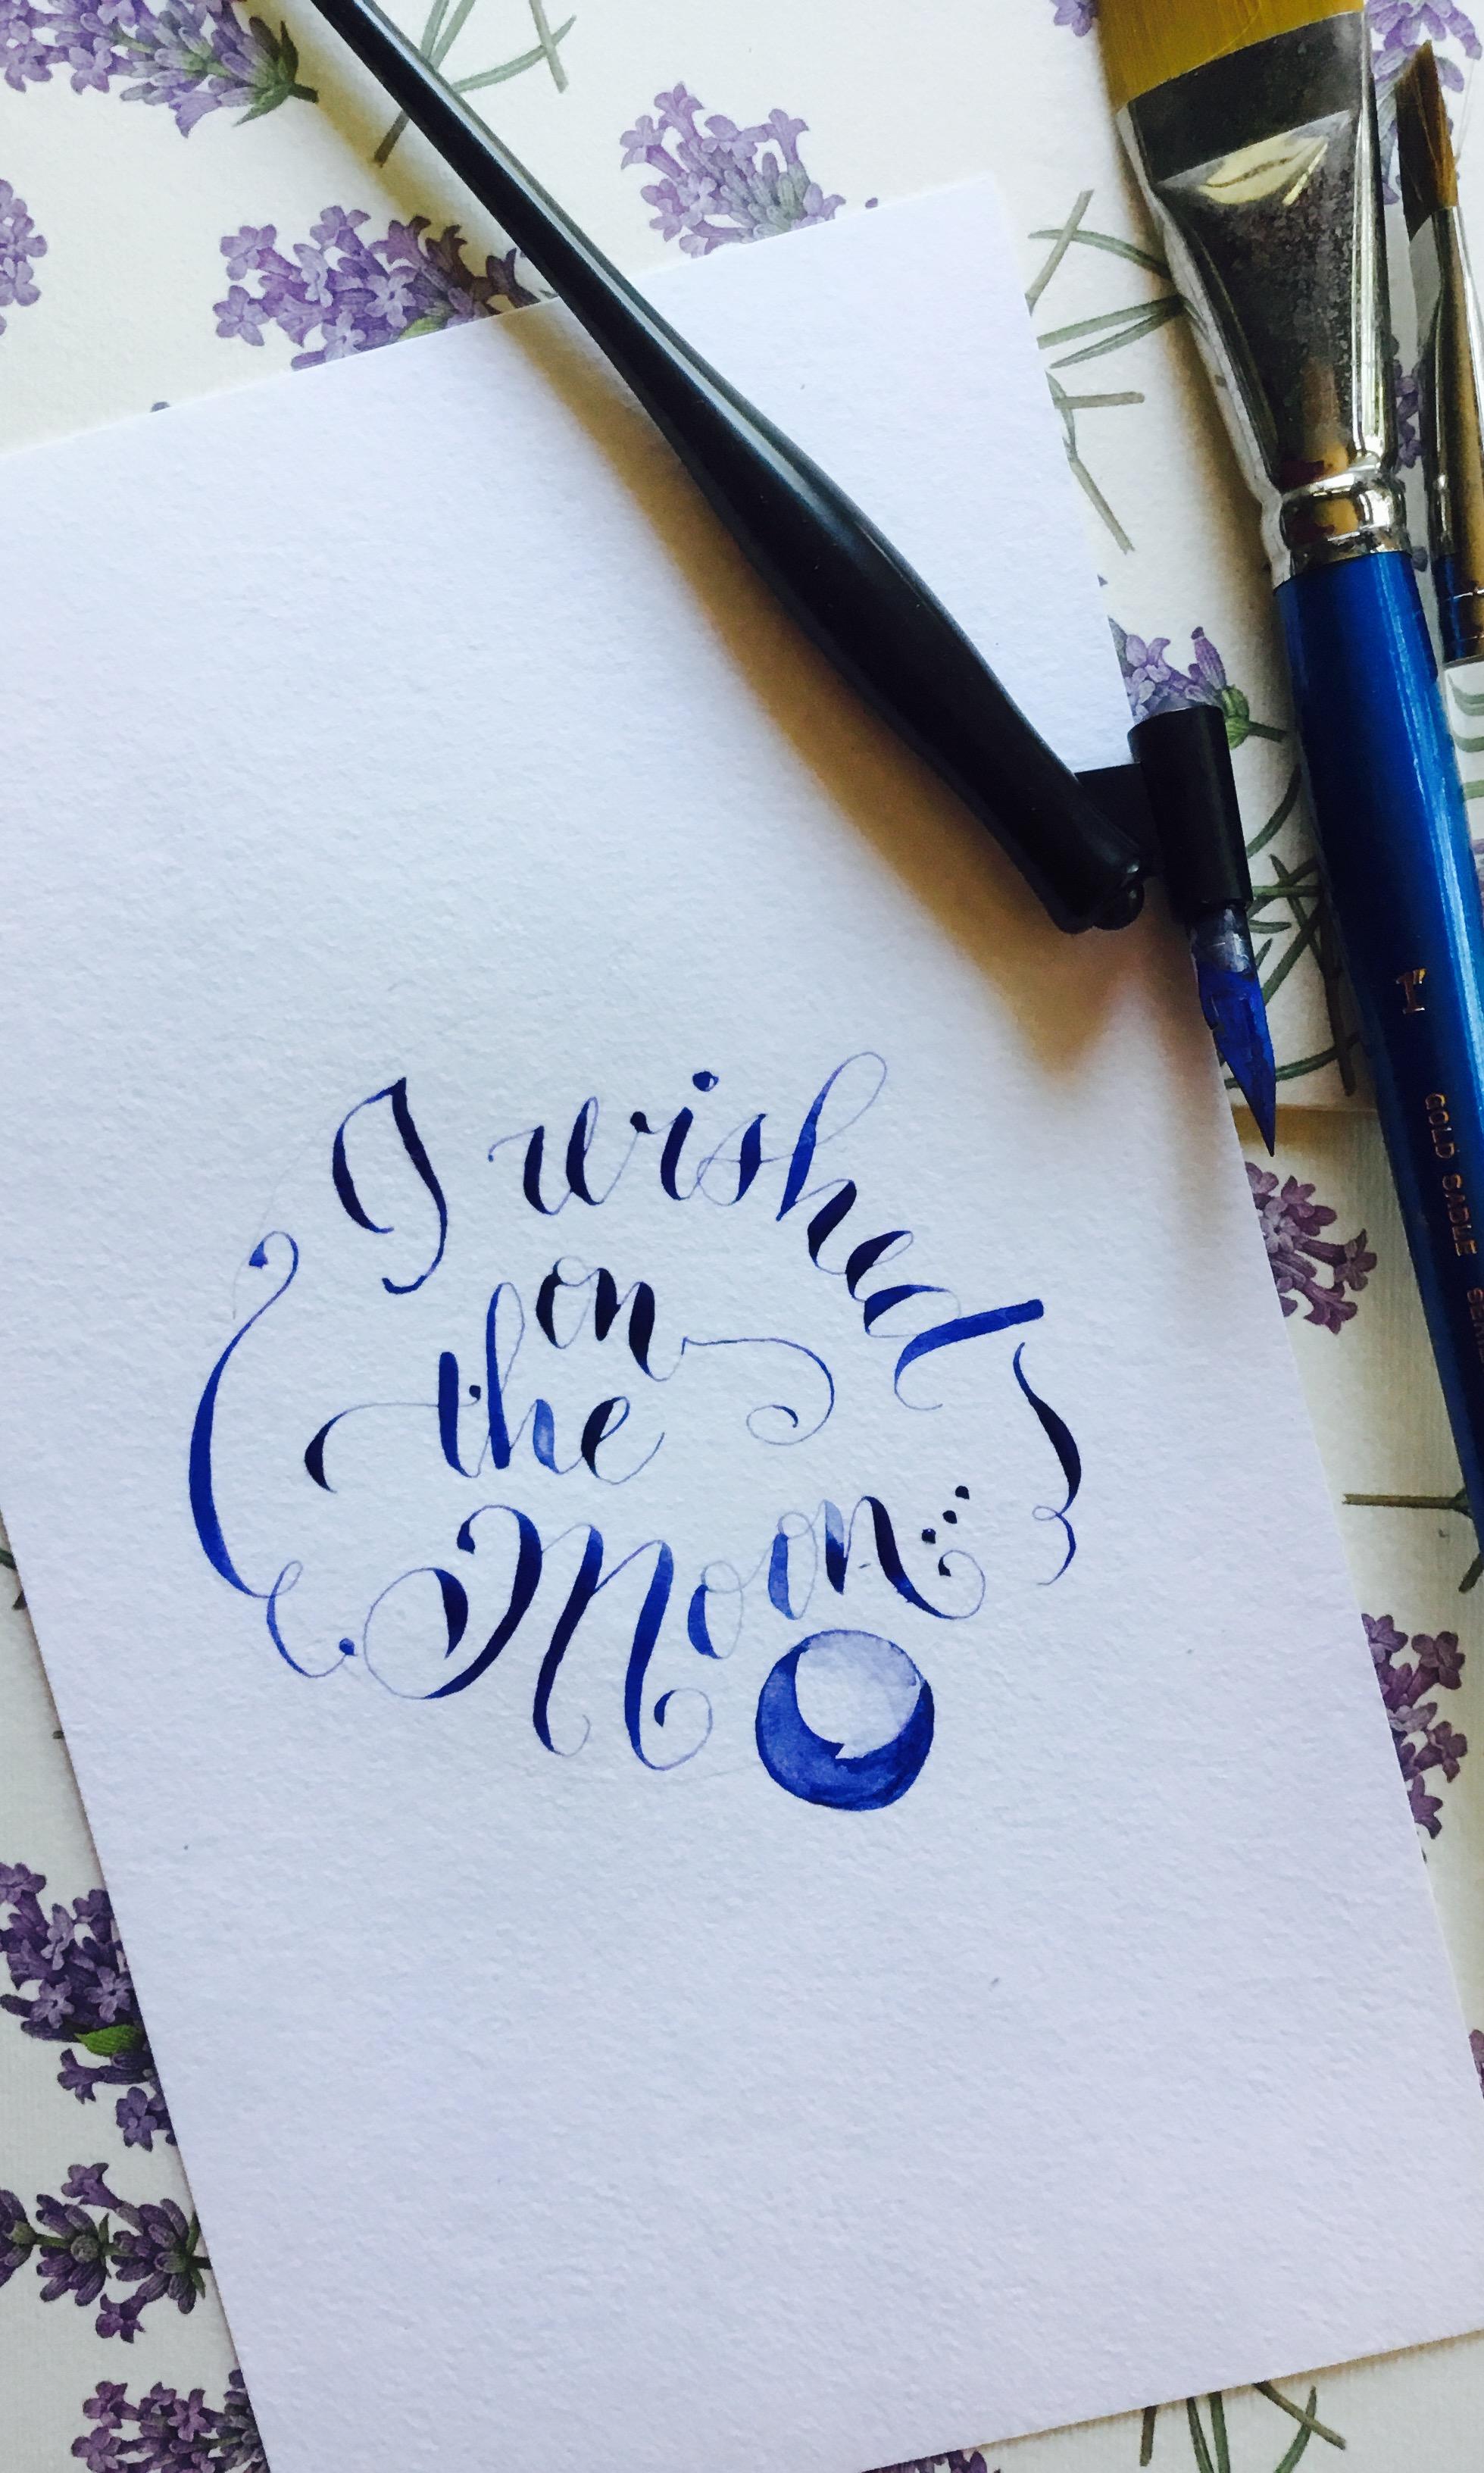 I wished on the moon calligraphy